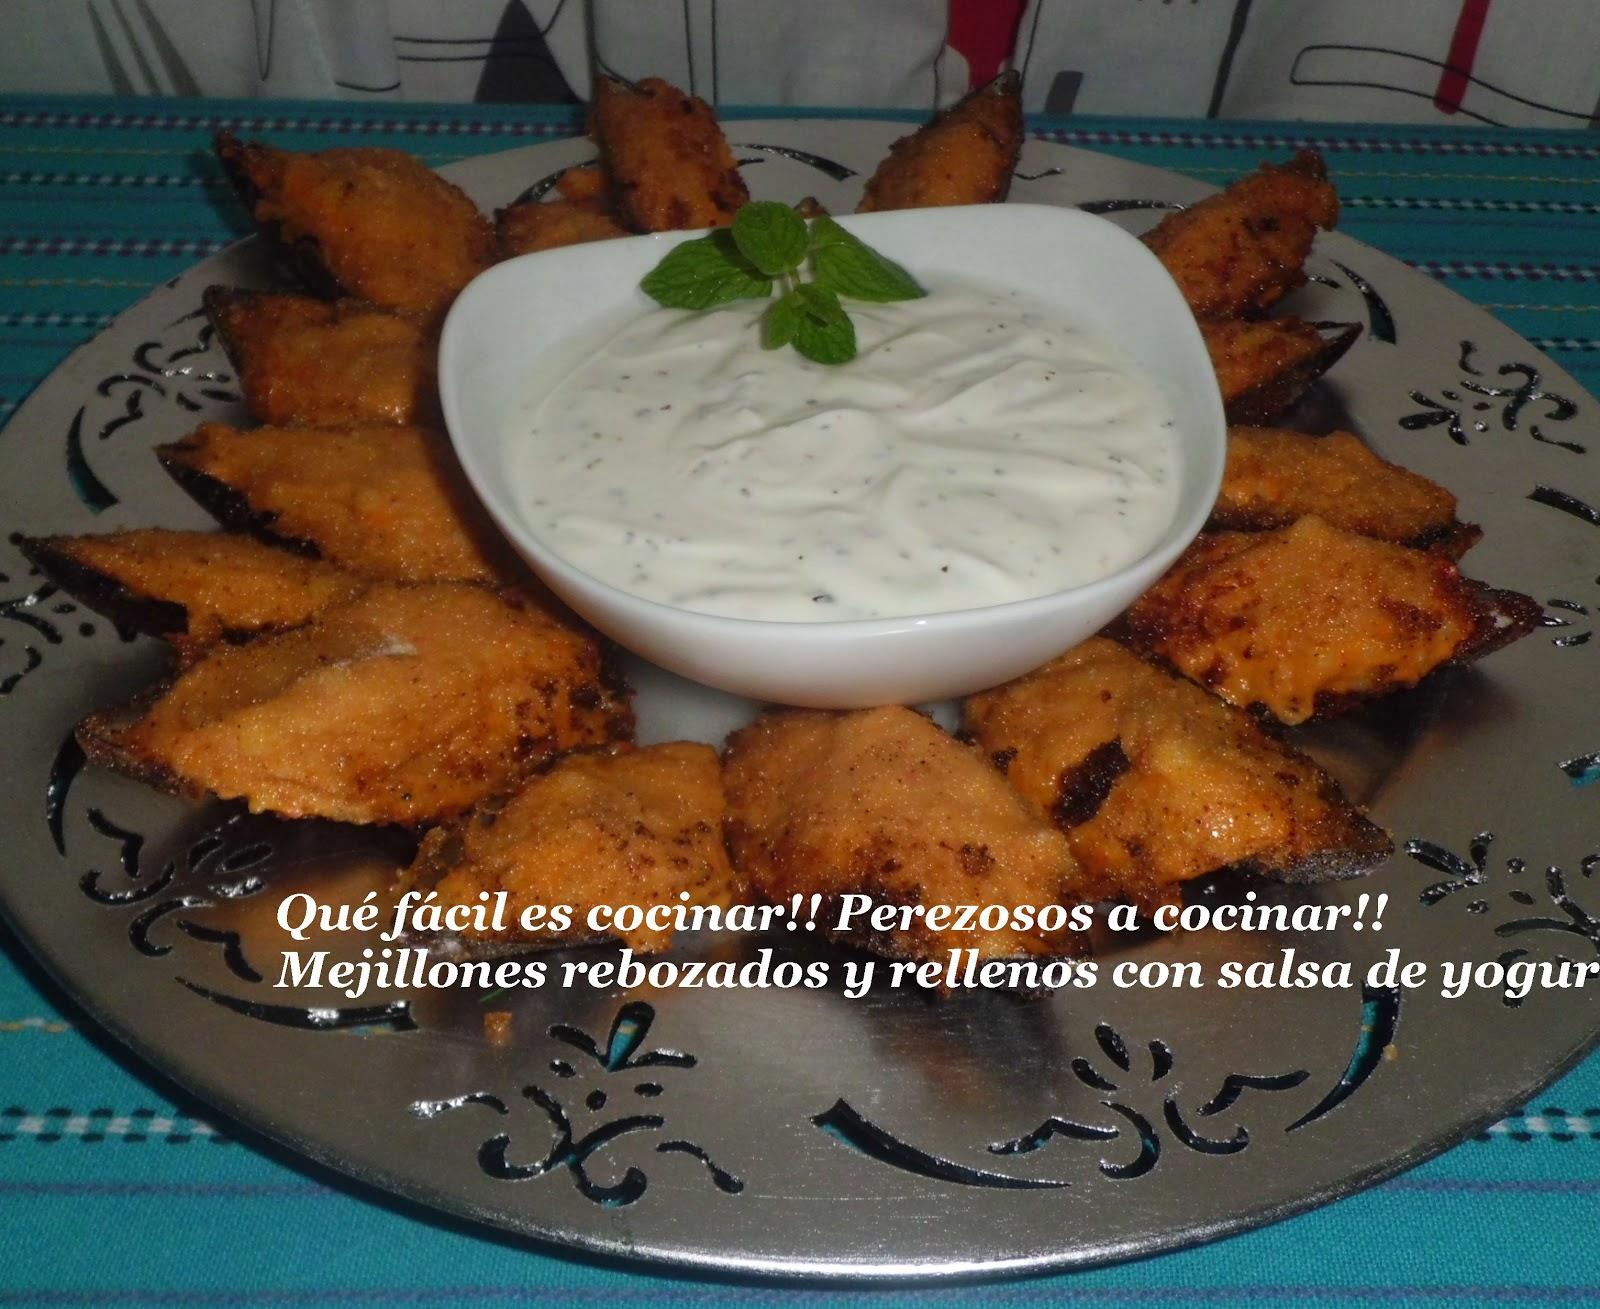 Perezosos a cocinar mejillones rebozados y rellenos for Cocinar mejillones en salsa